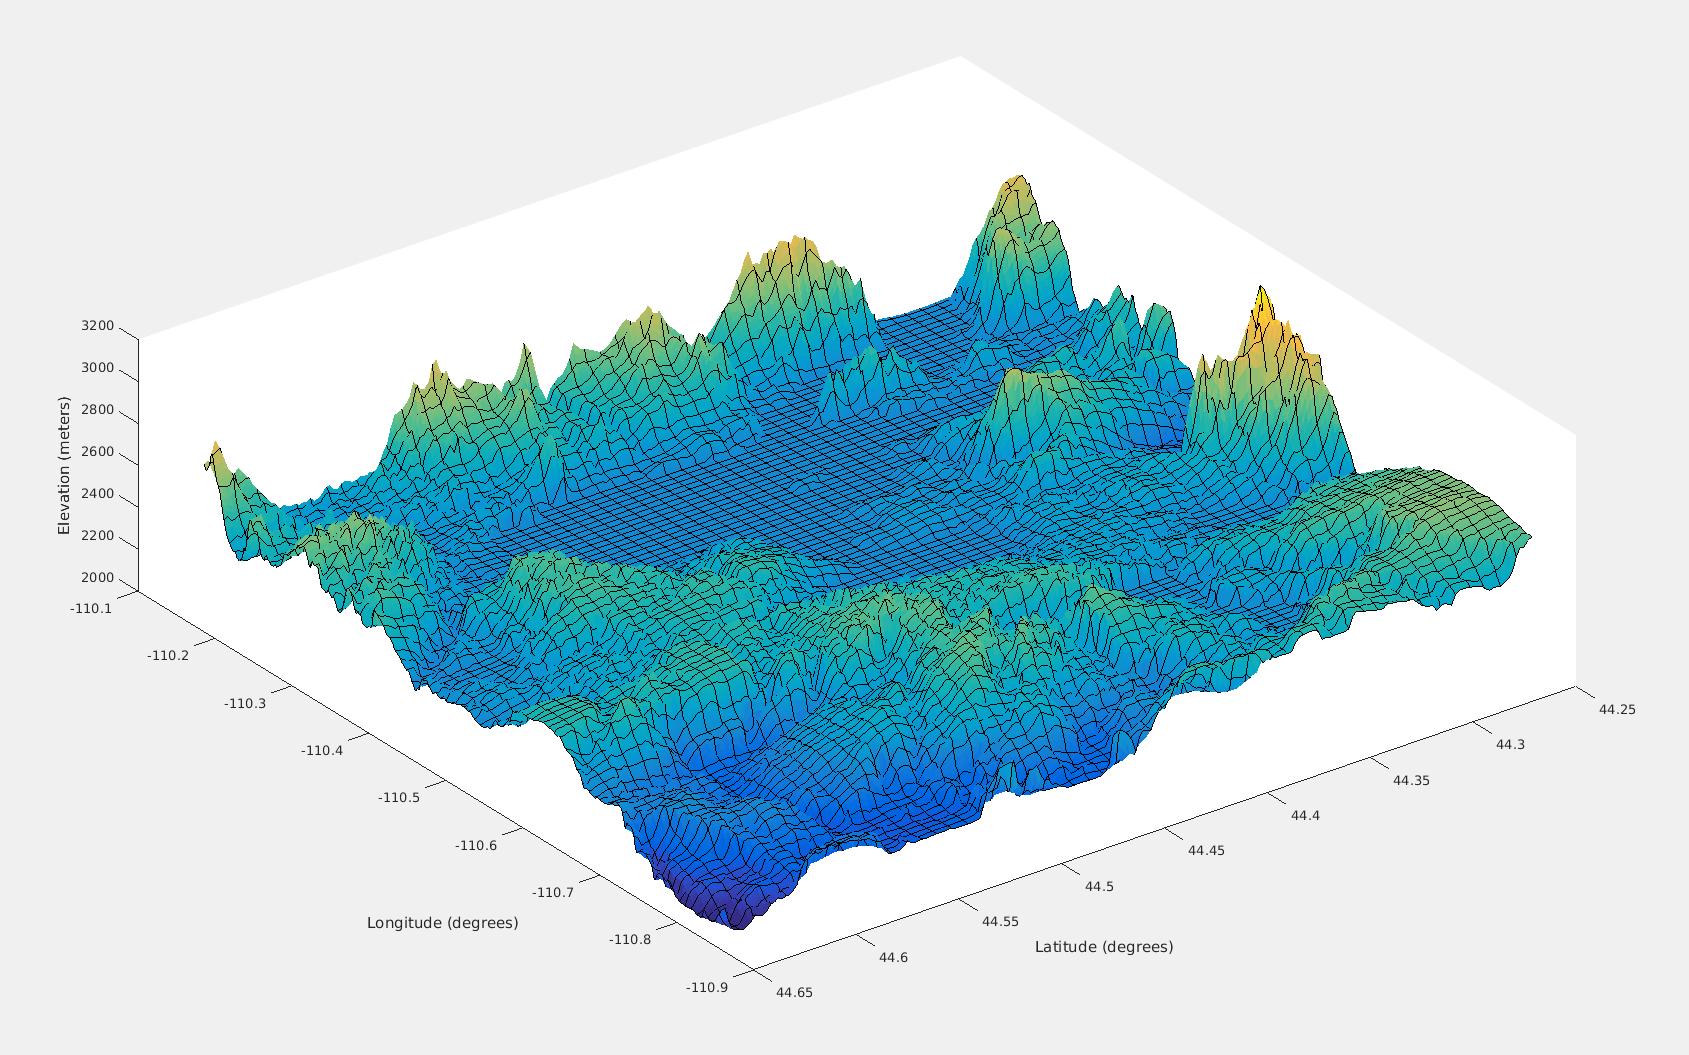 Terrain Elevation - File Exchange - MATLAB Central